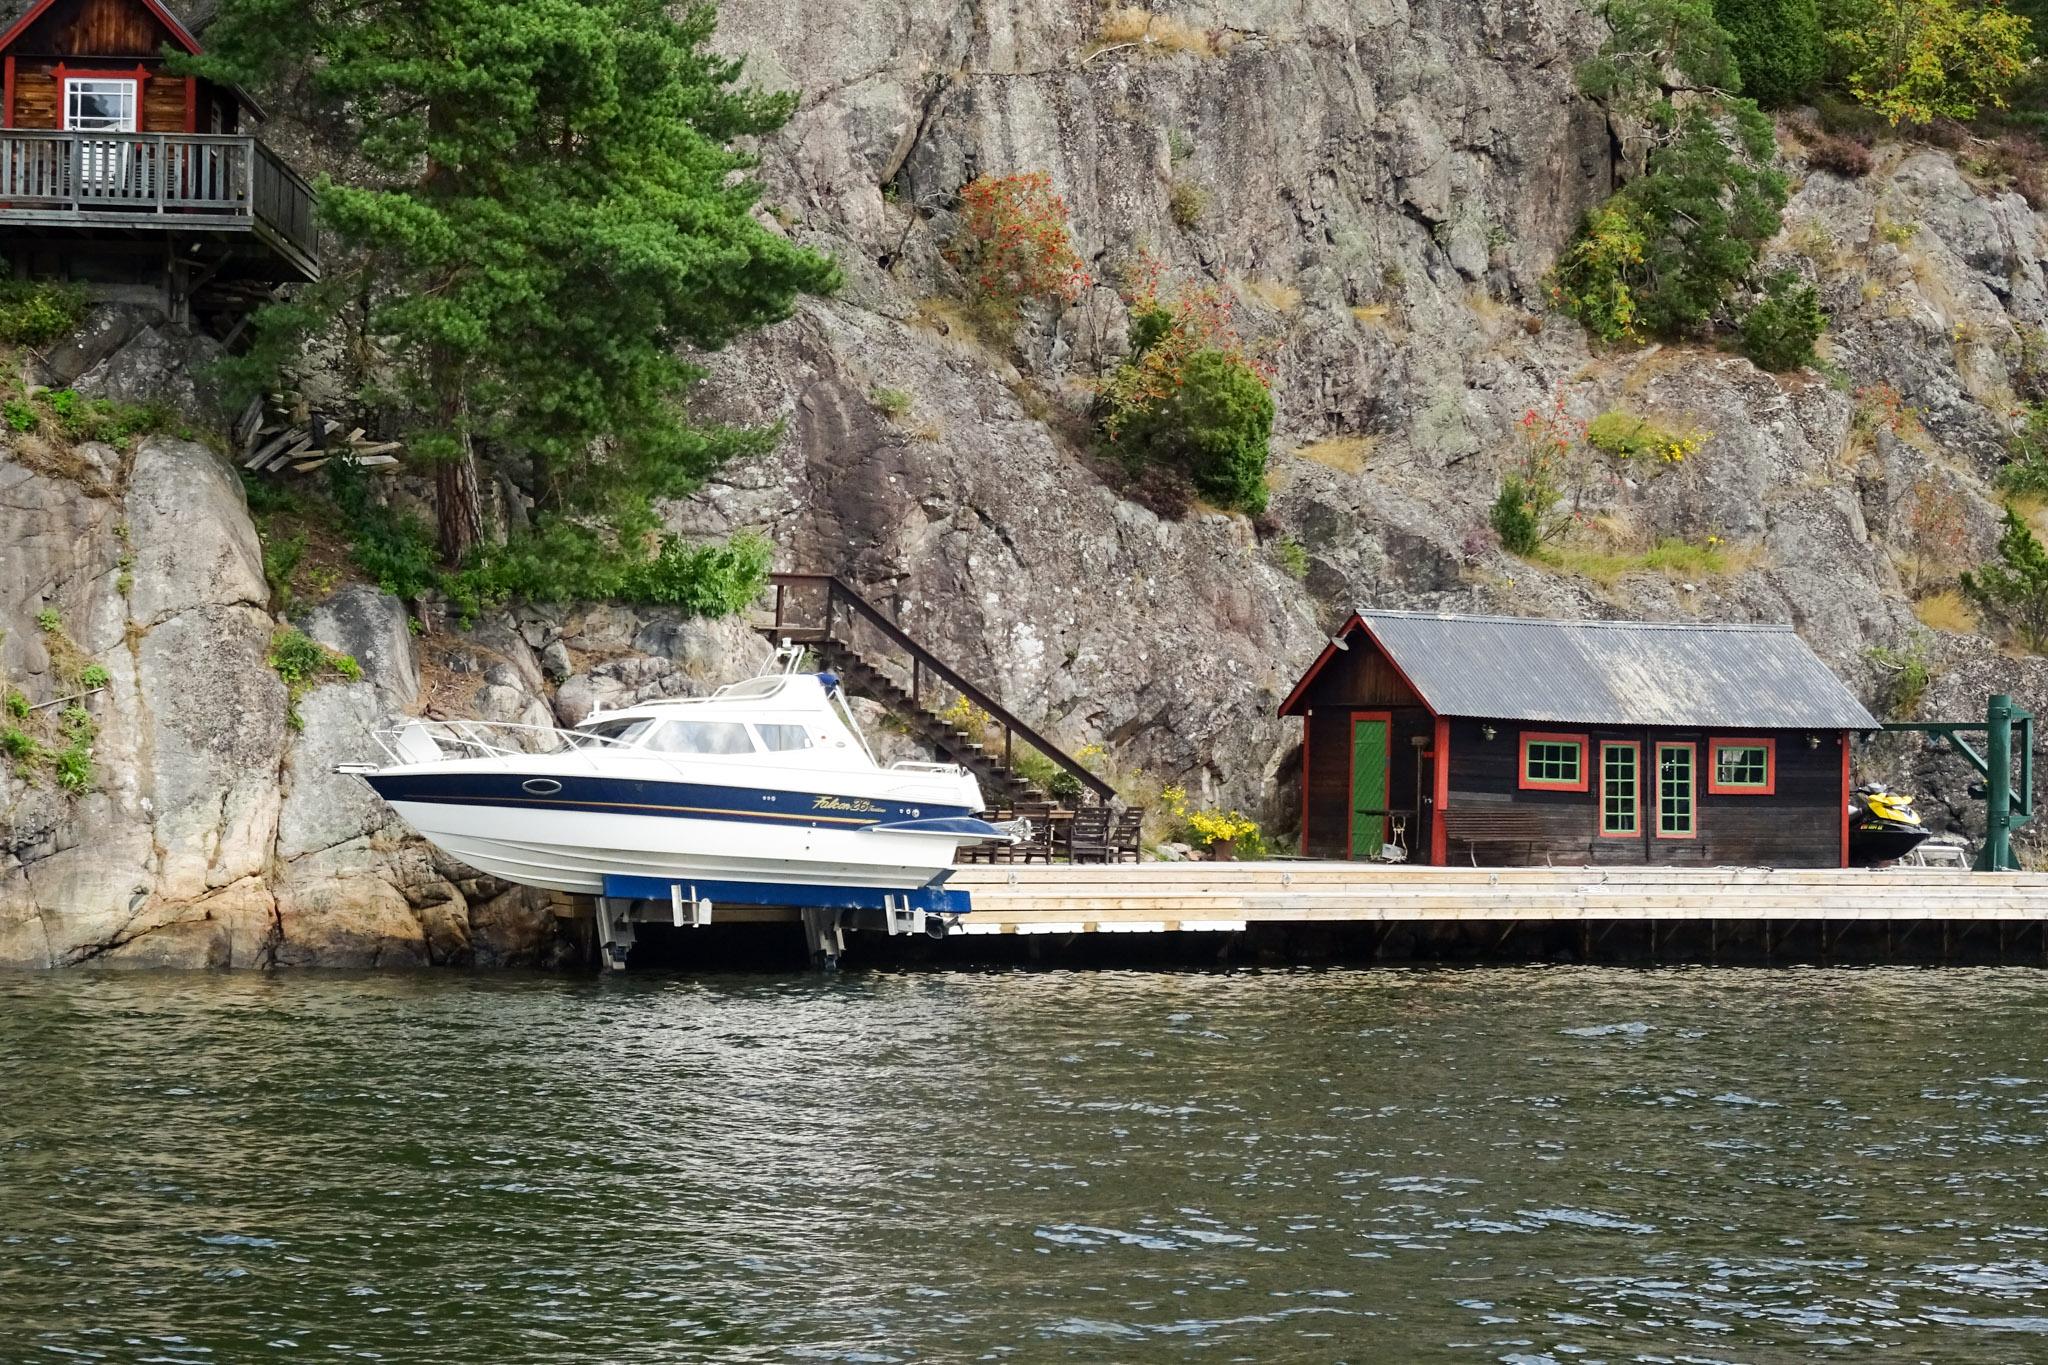 Bootshaus mit Bootlift